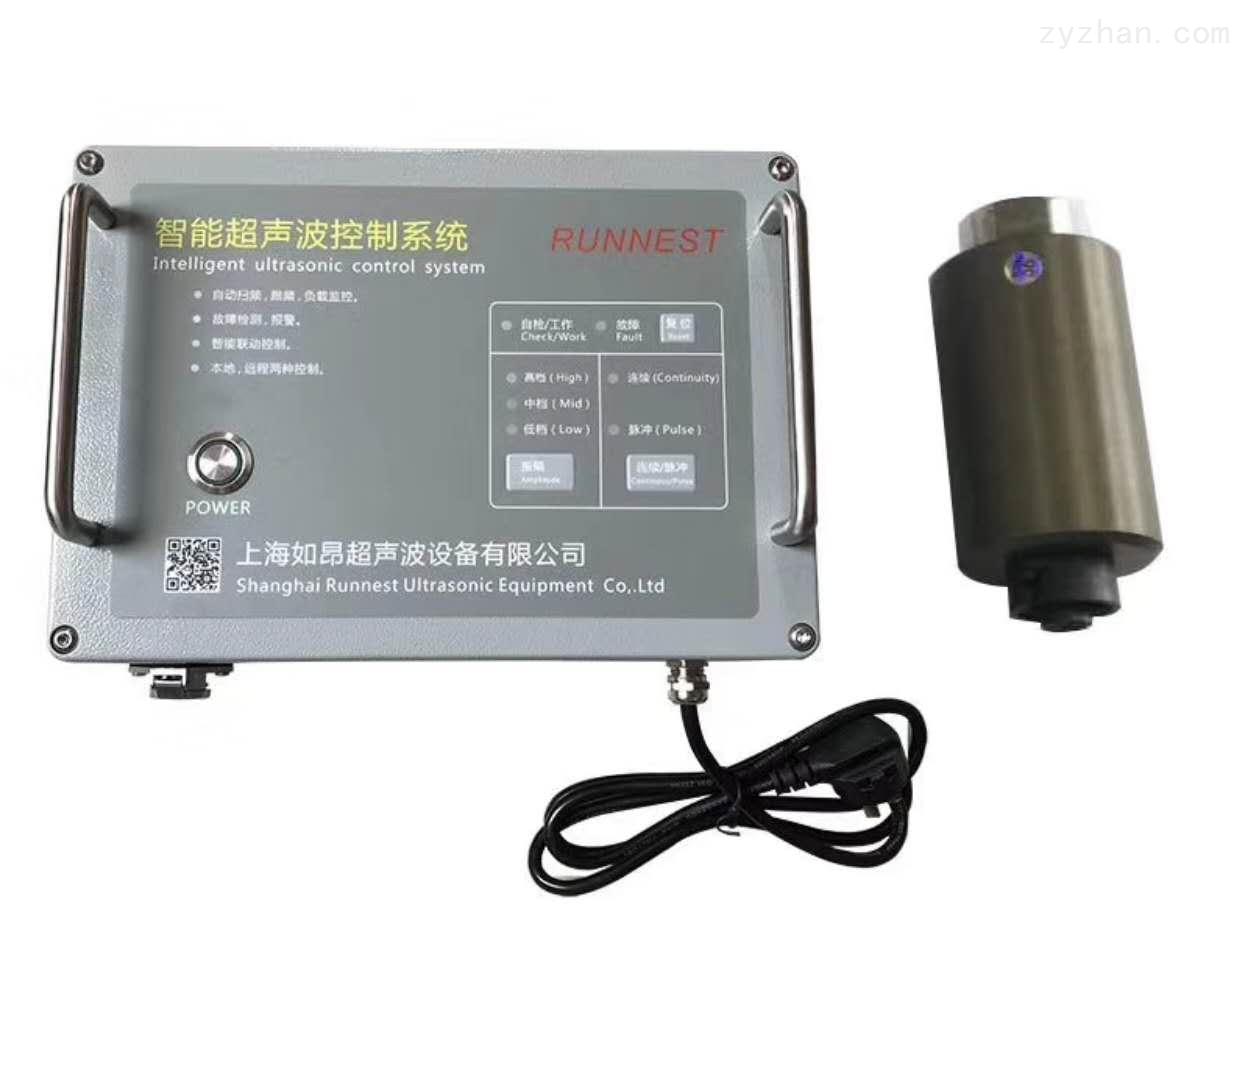 如昂新款RA-35E智能超声波筛分系统